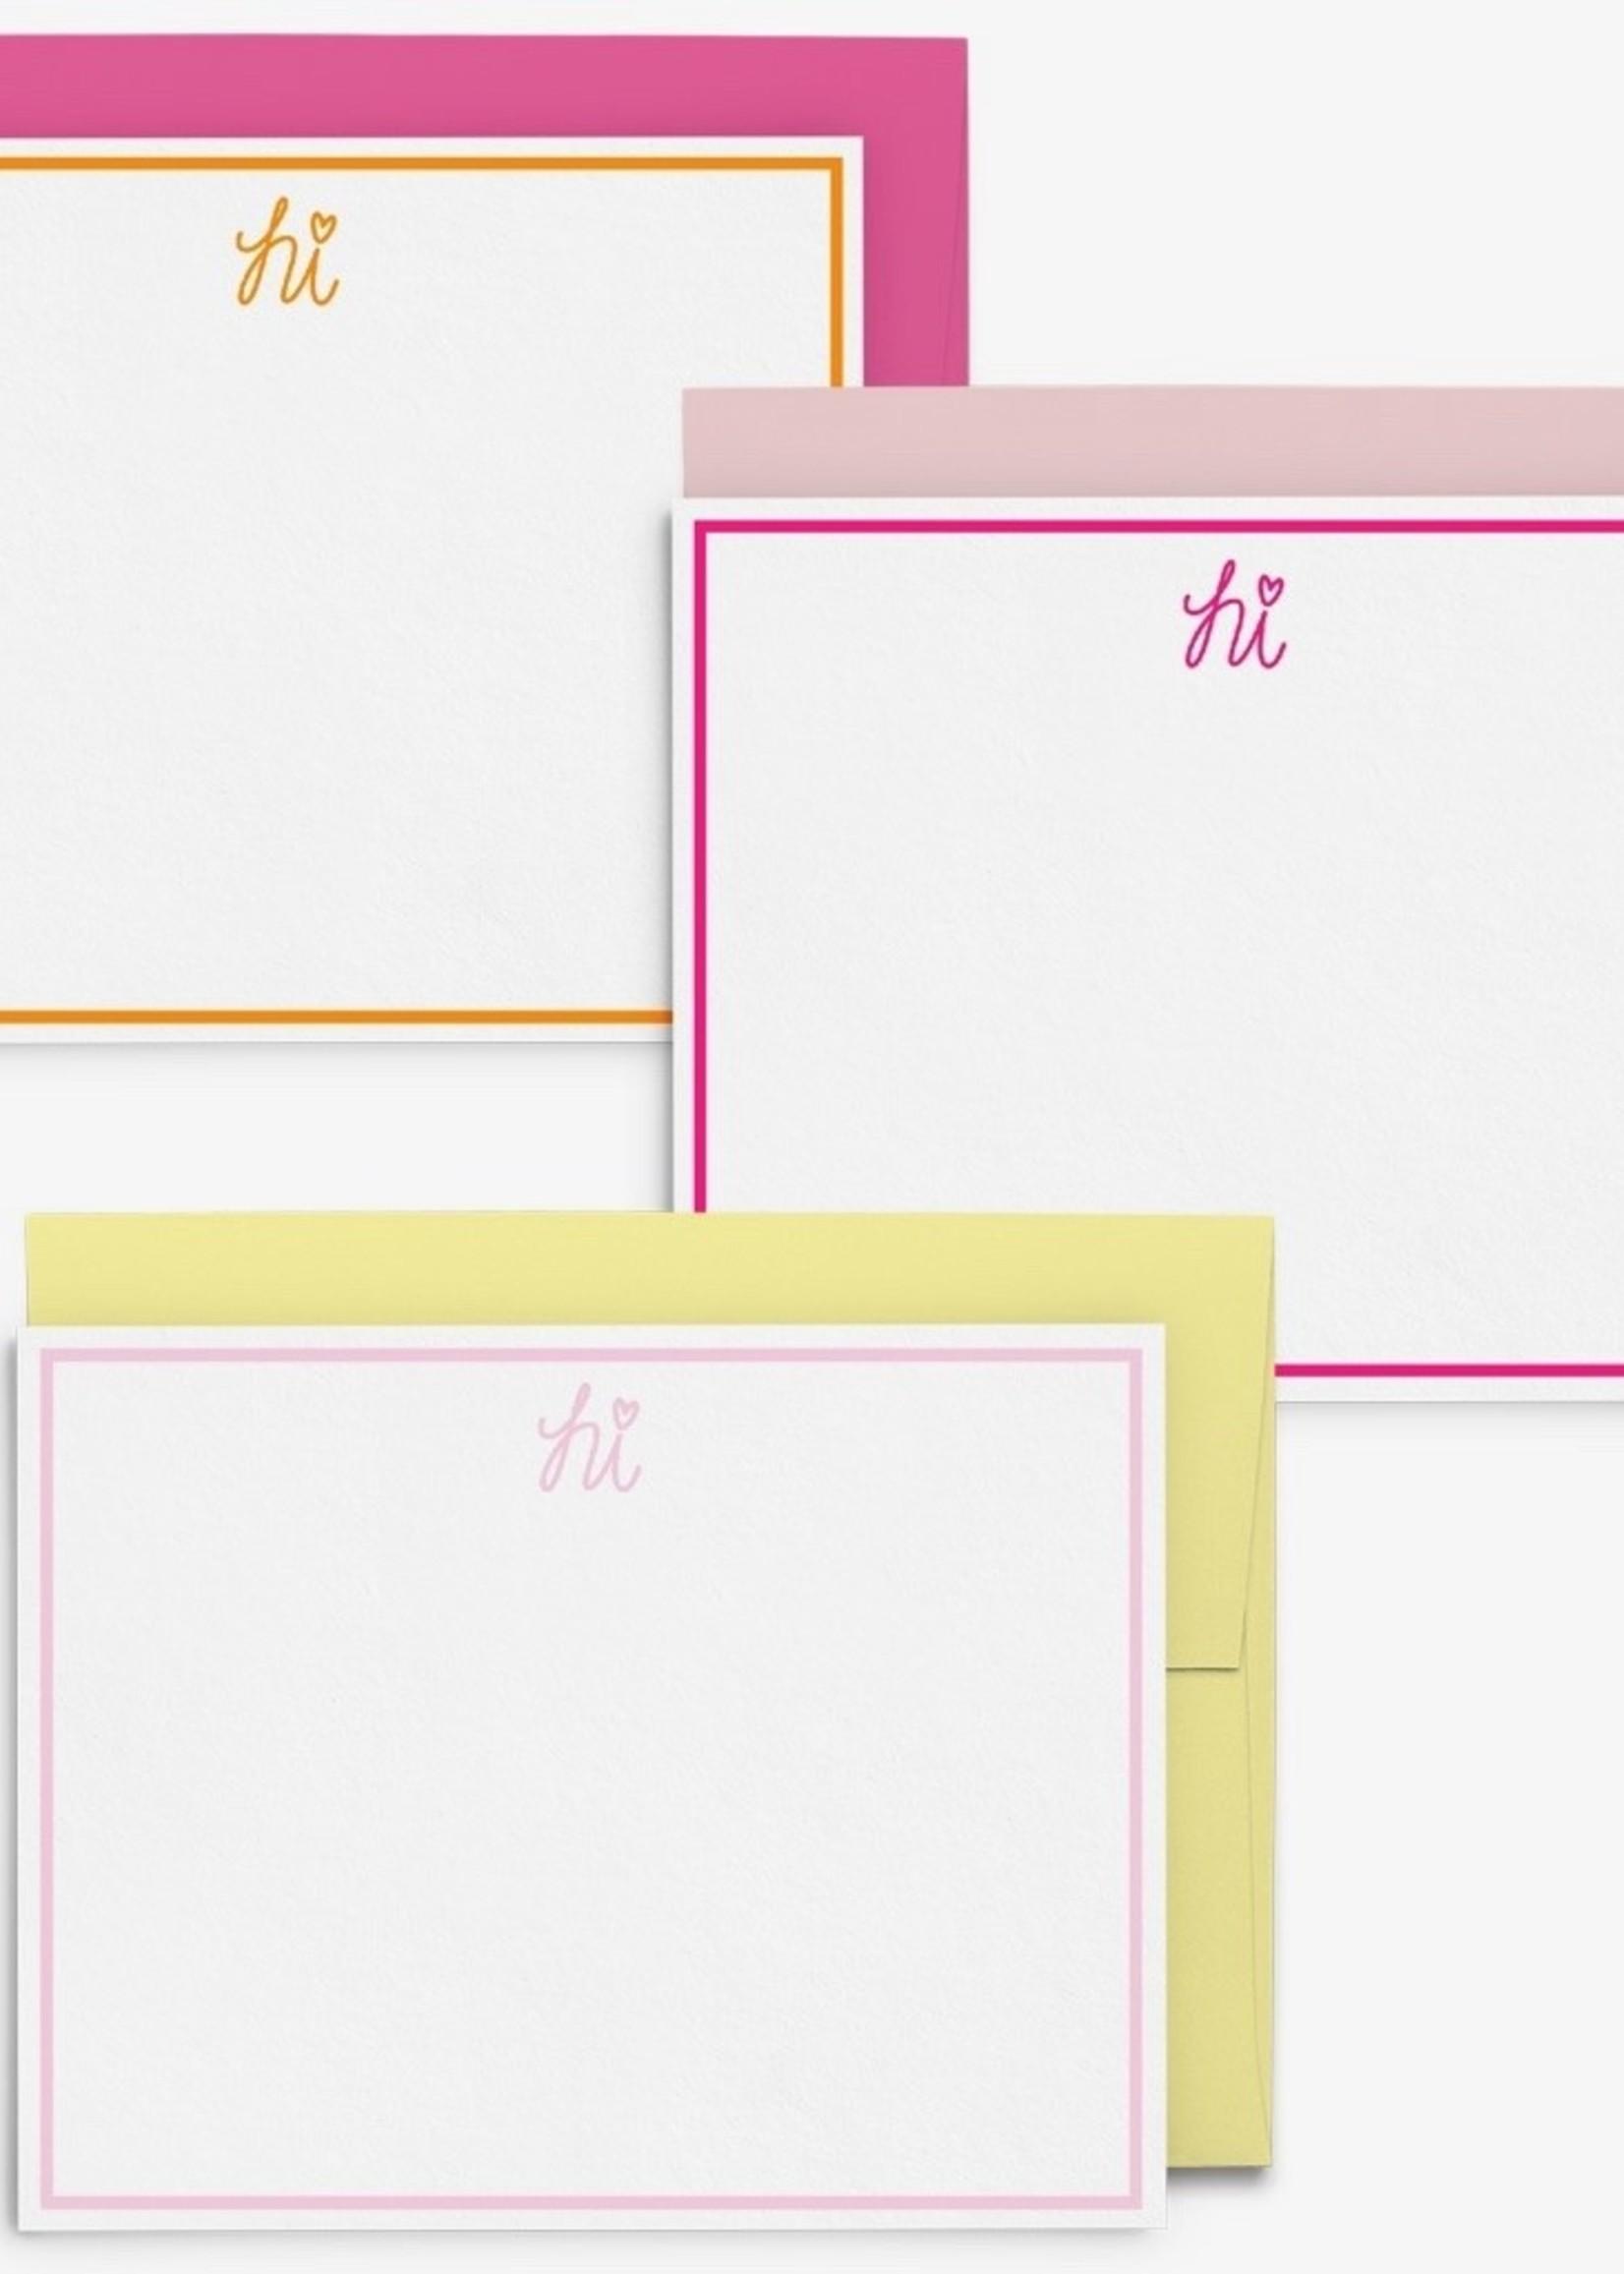 Hi Boxed Stationary Set